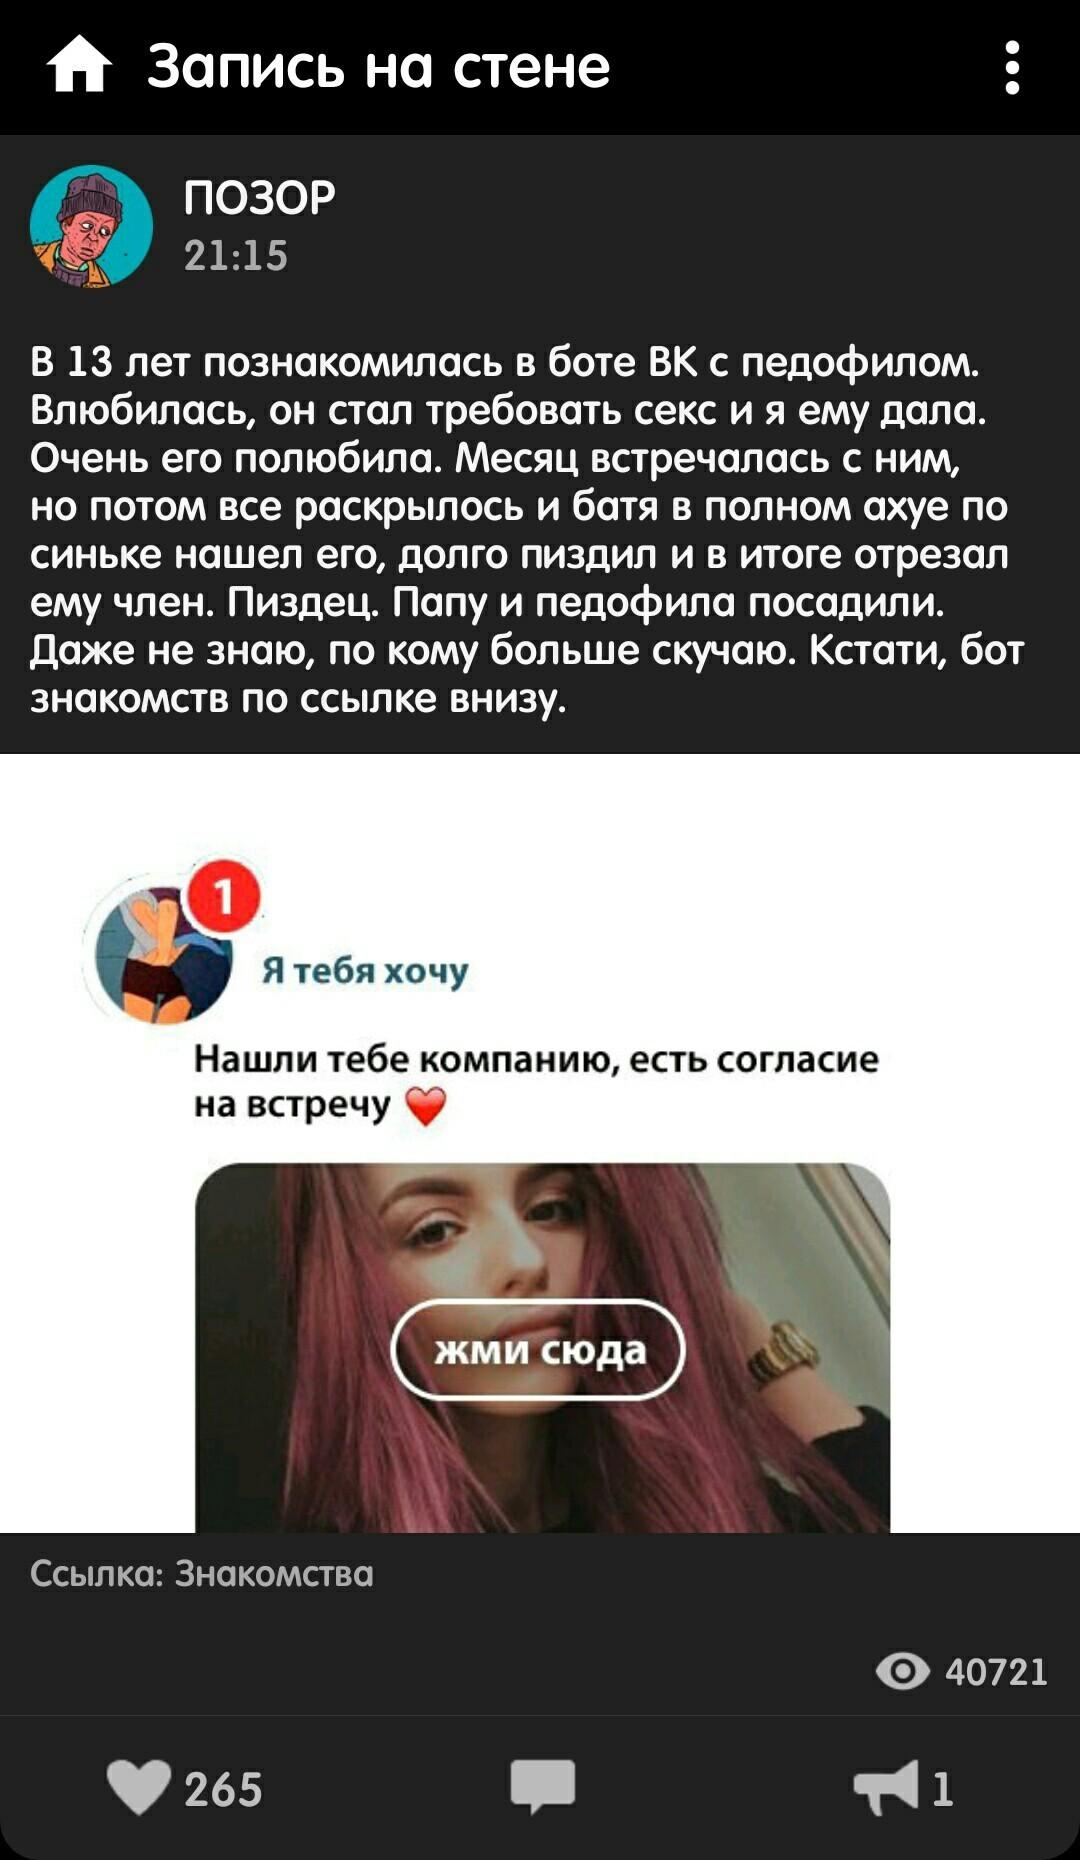 Знакомства в контакте.ру онлайн знакомства санкт петирбург валентина